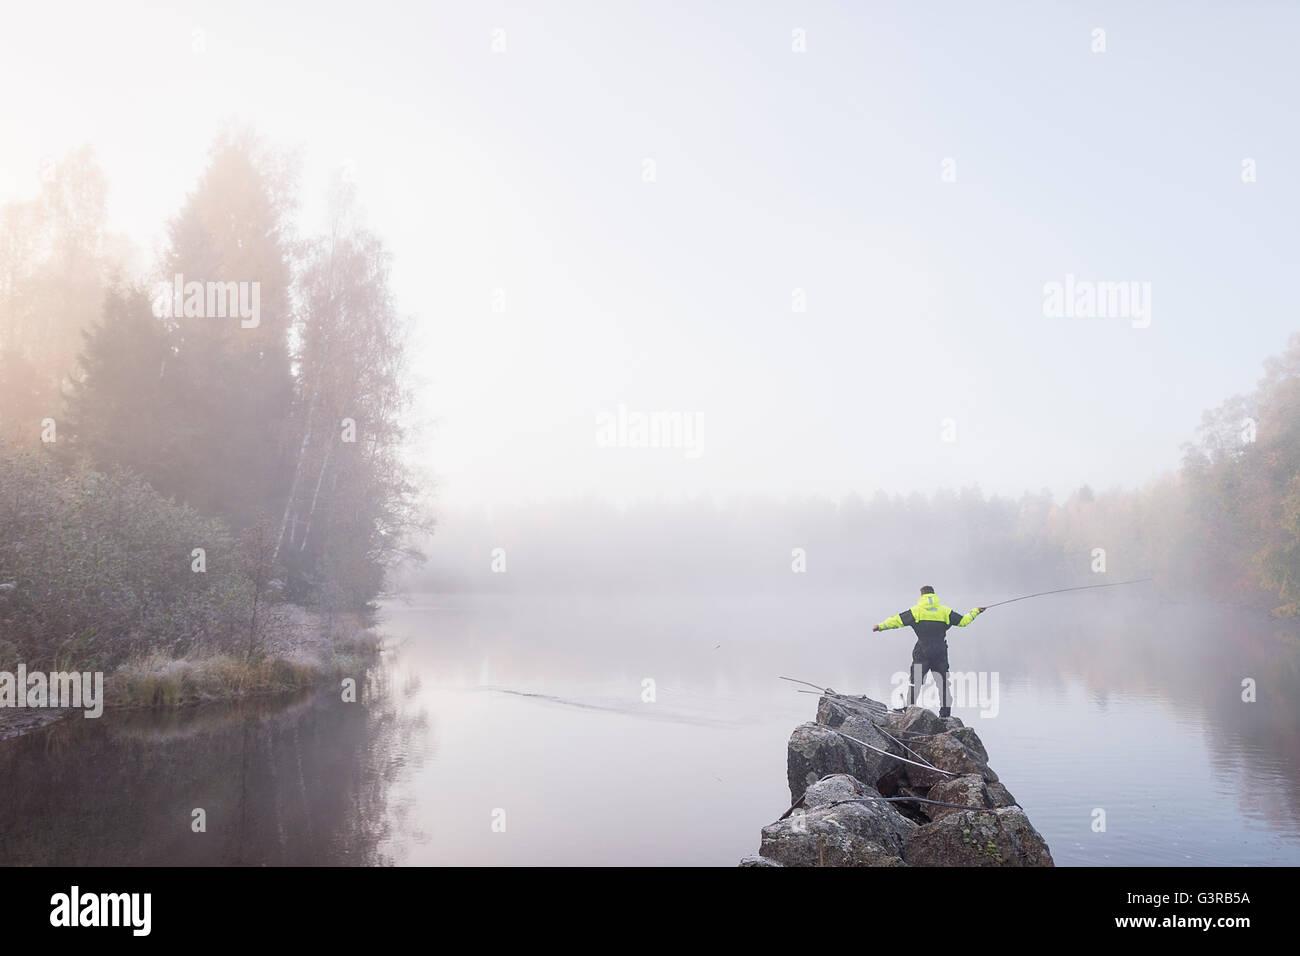 Schweden, Vastmanland, Bergslagen, Torrvarpen, junge Mann Angeln im See an nebeligen Tag Stockbild